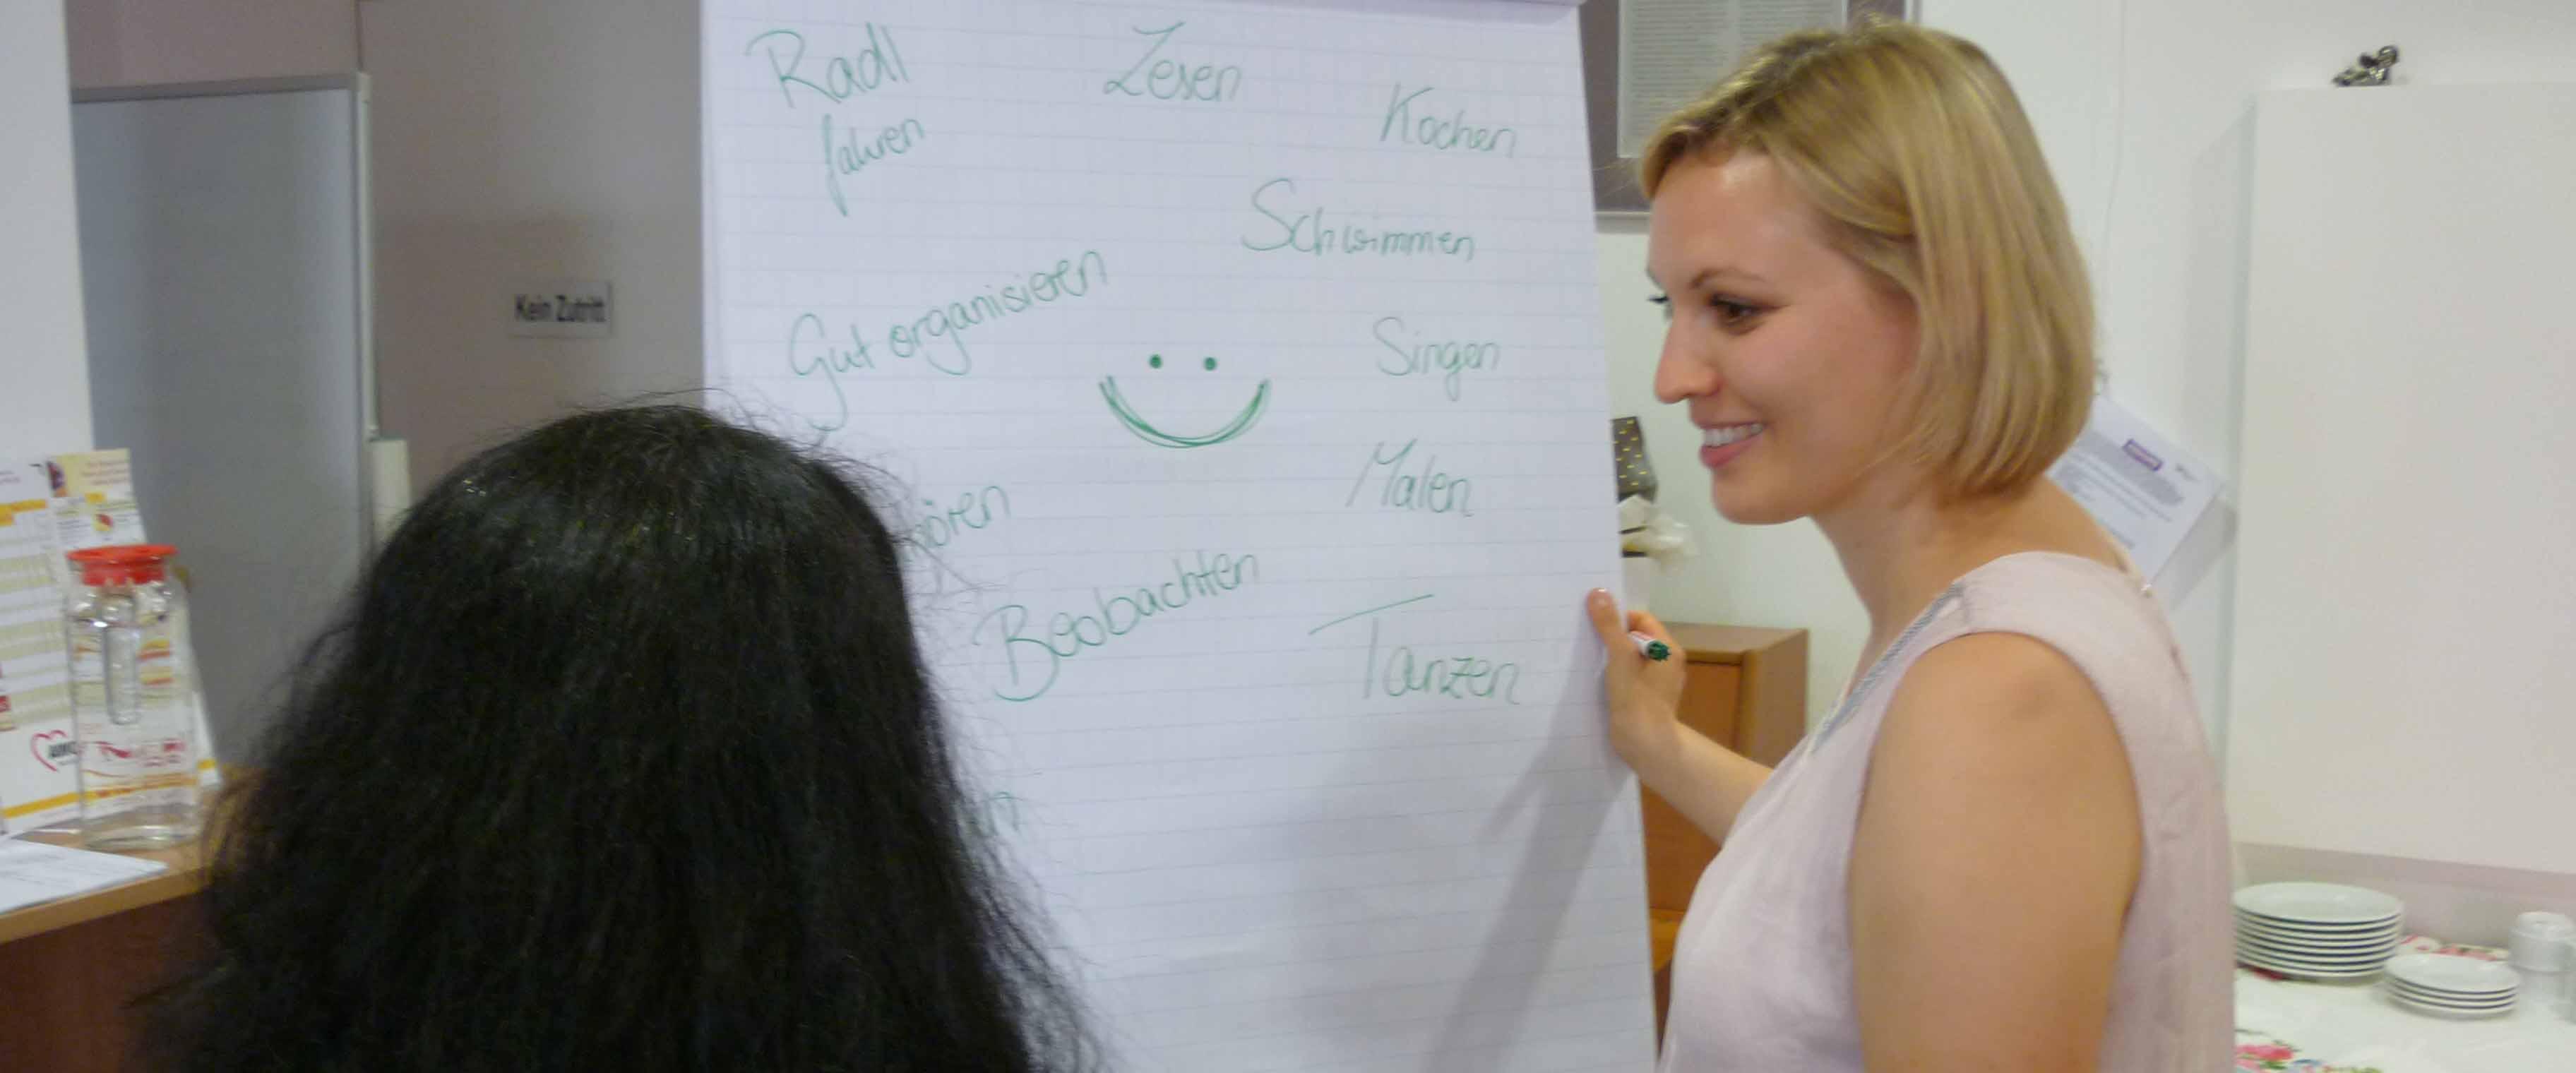 anderwerk Hilfe zur arbeit Workshop